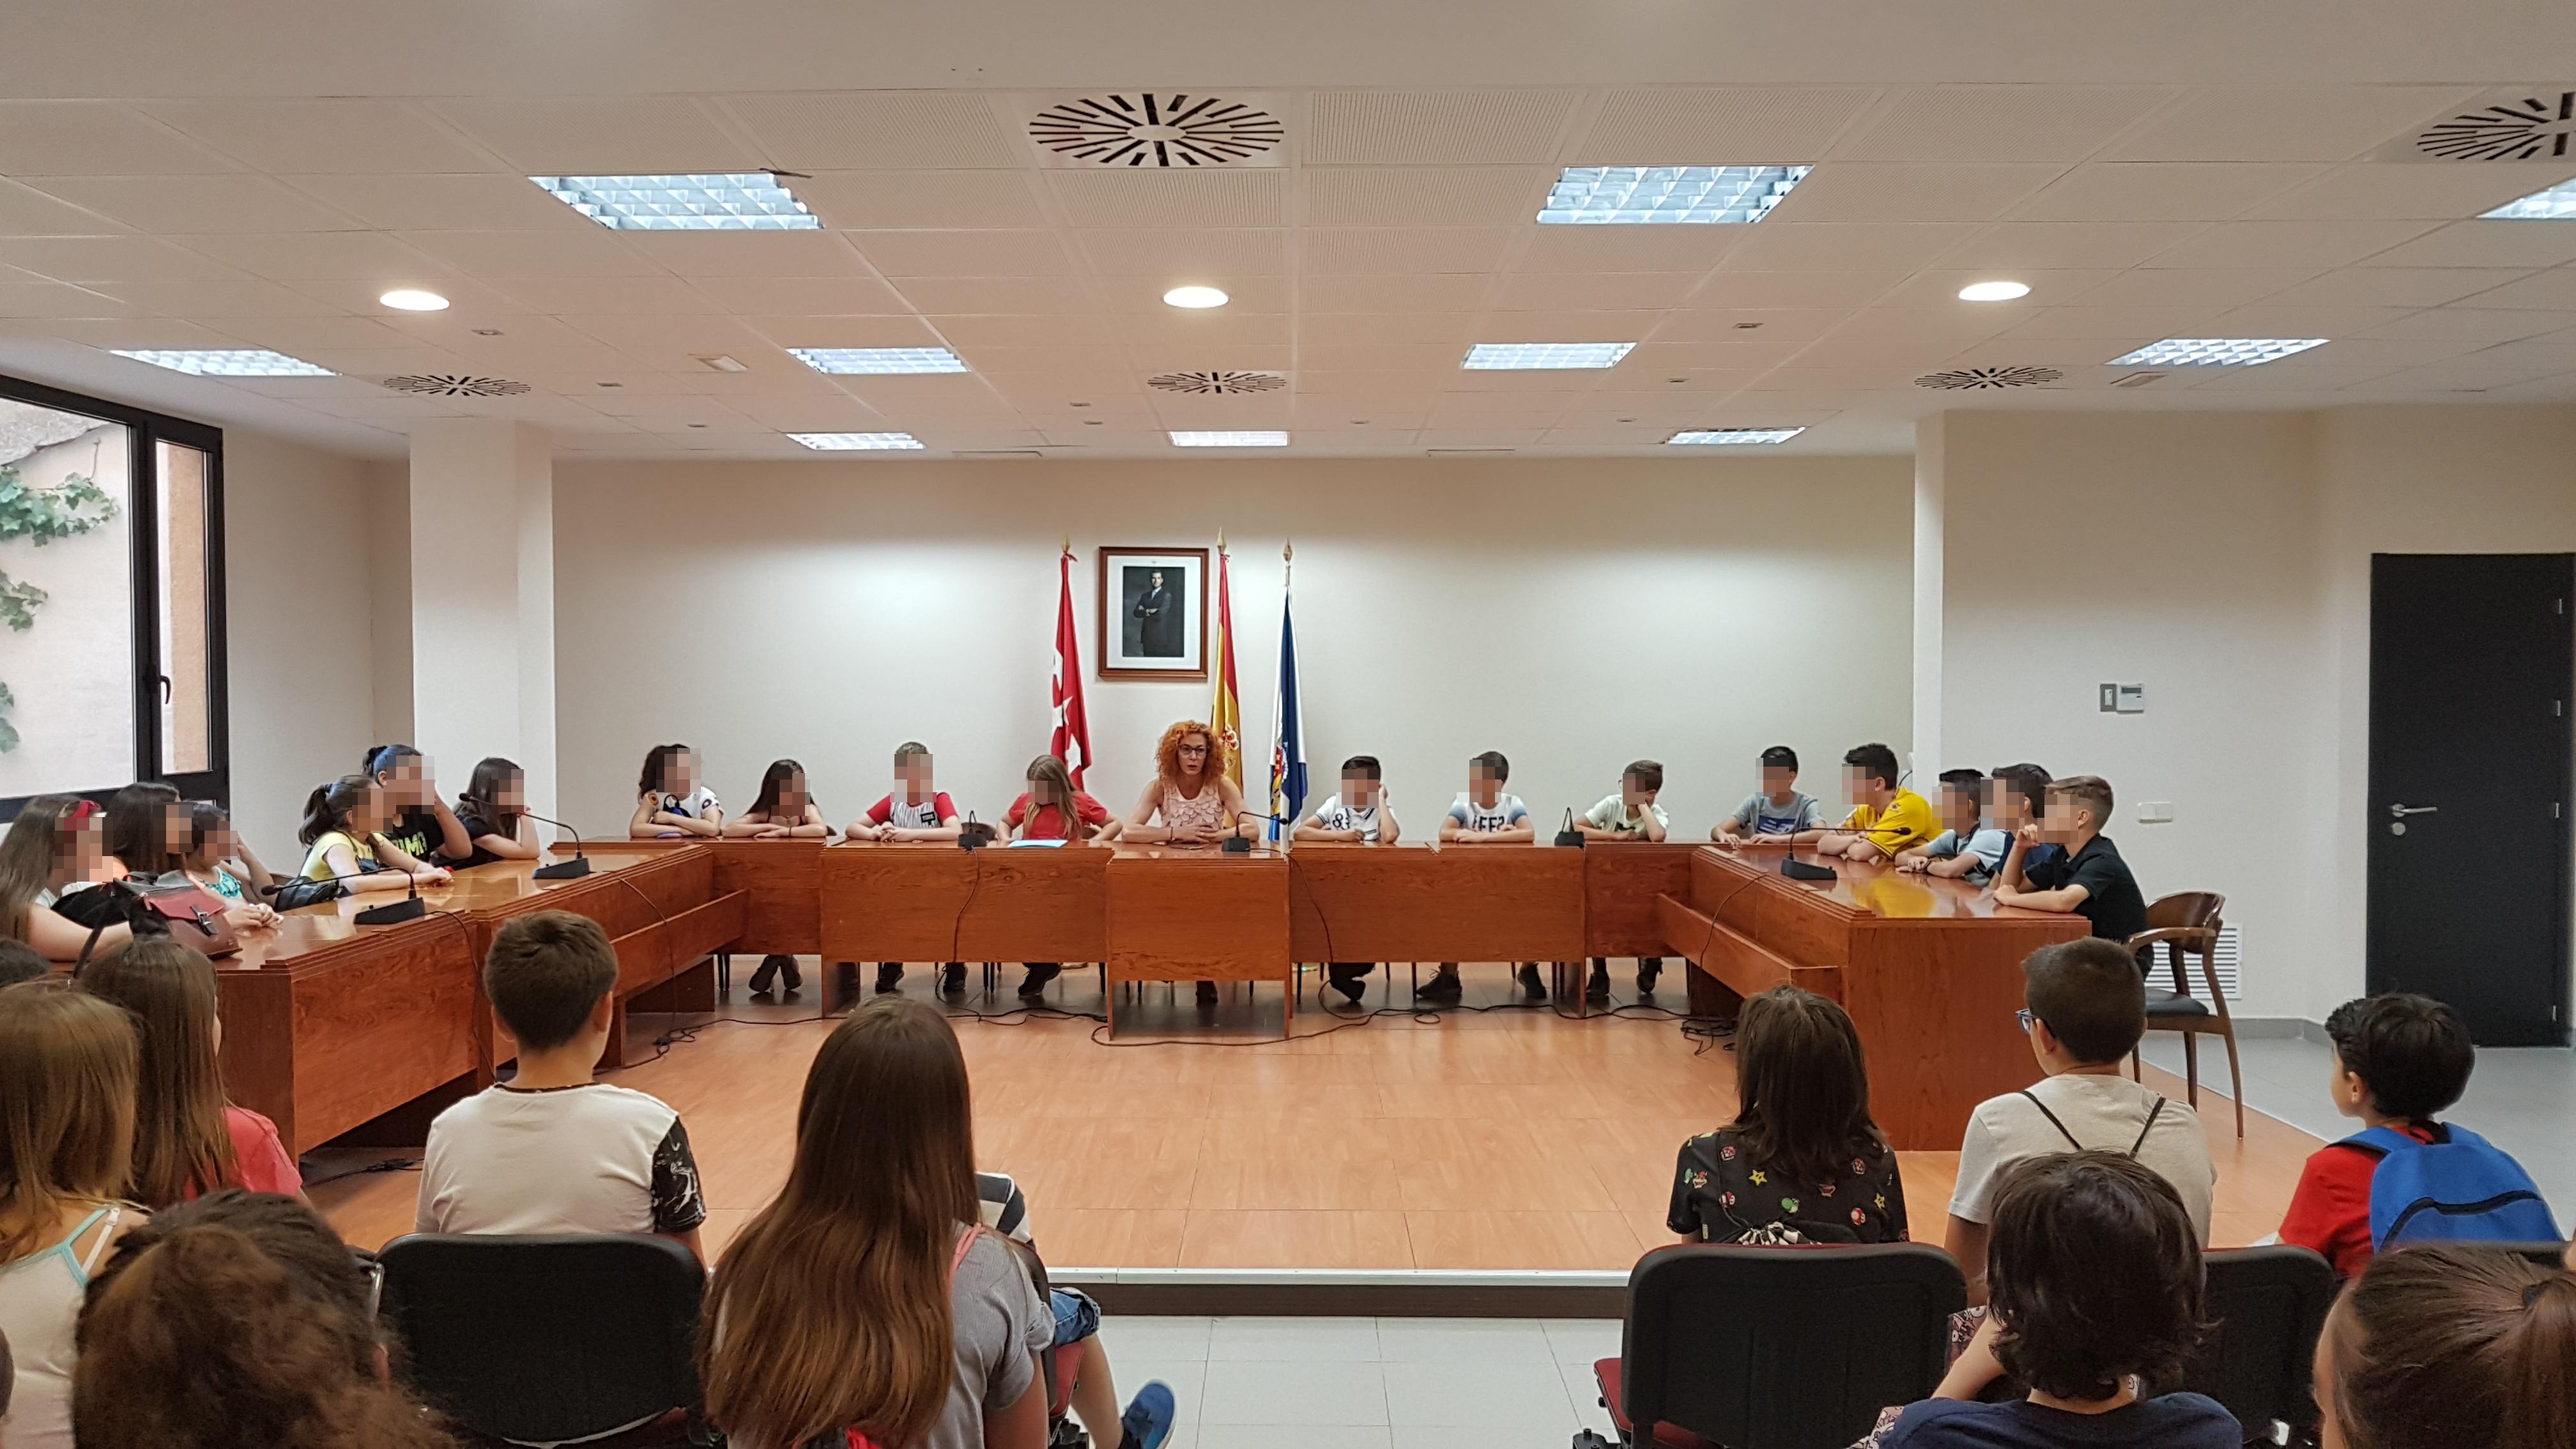 Alumnado del CEIP Francisco Tomás y Valiente ha visitado esta mañana el Ayuntamiento